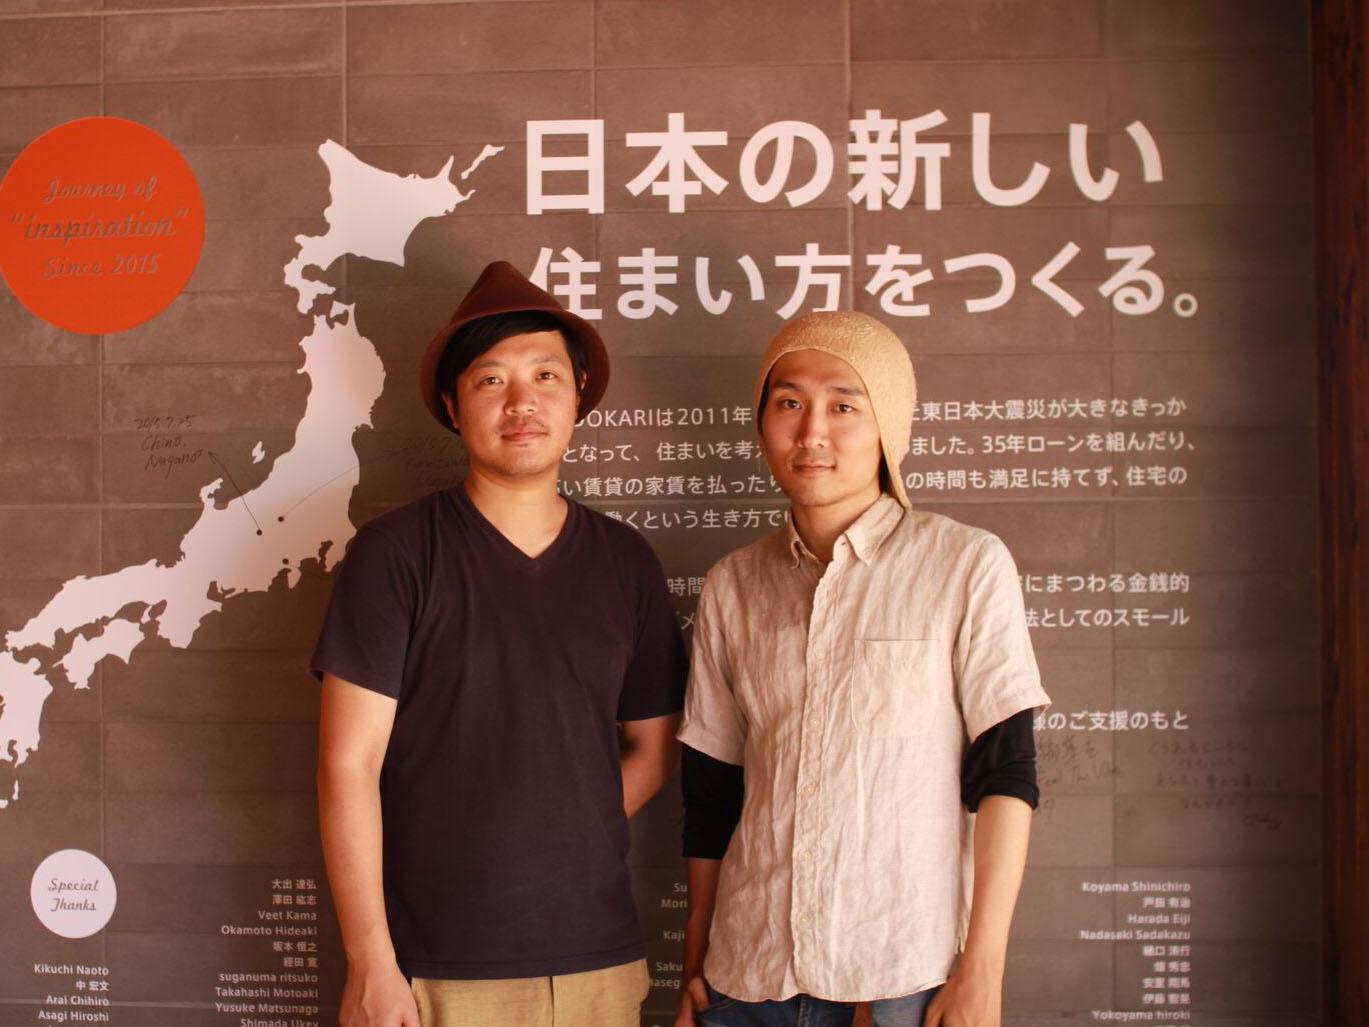 【採用募集】YADOKARI、プロデュース事業部 部長・プロデューサー候補募集!